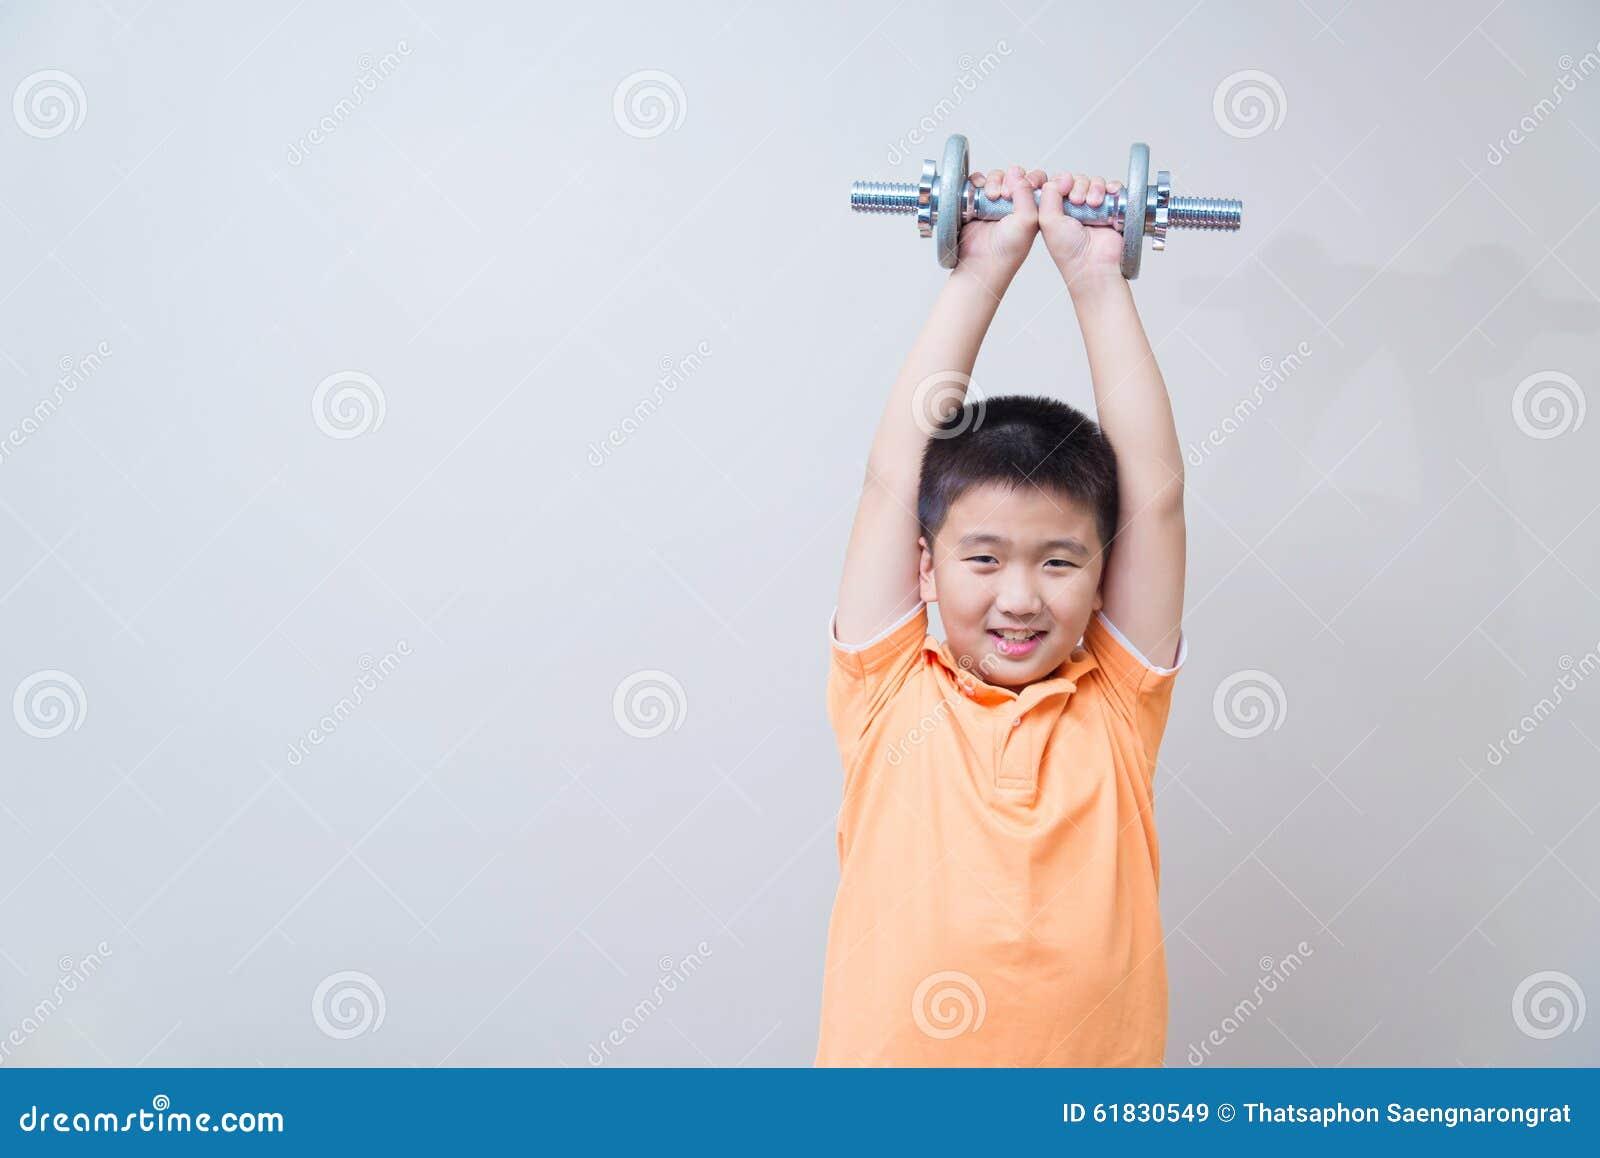 Levantar peso forte asiático do menino,